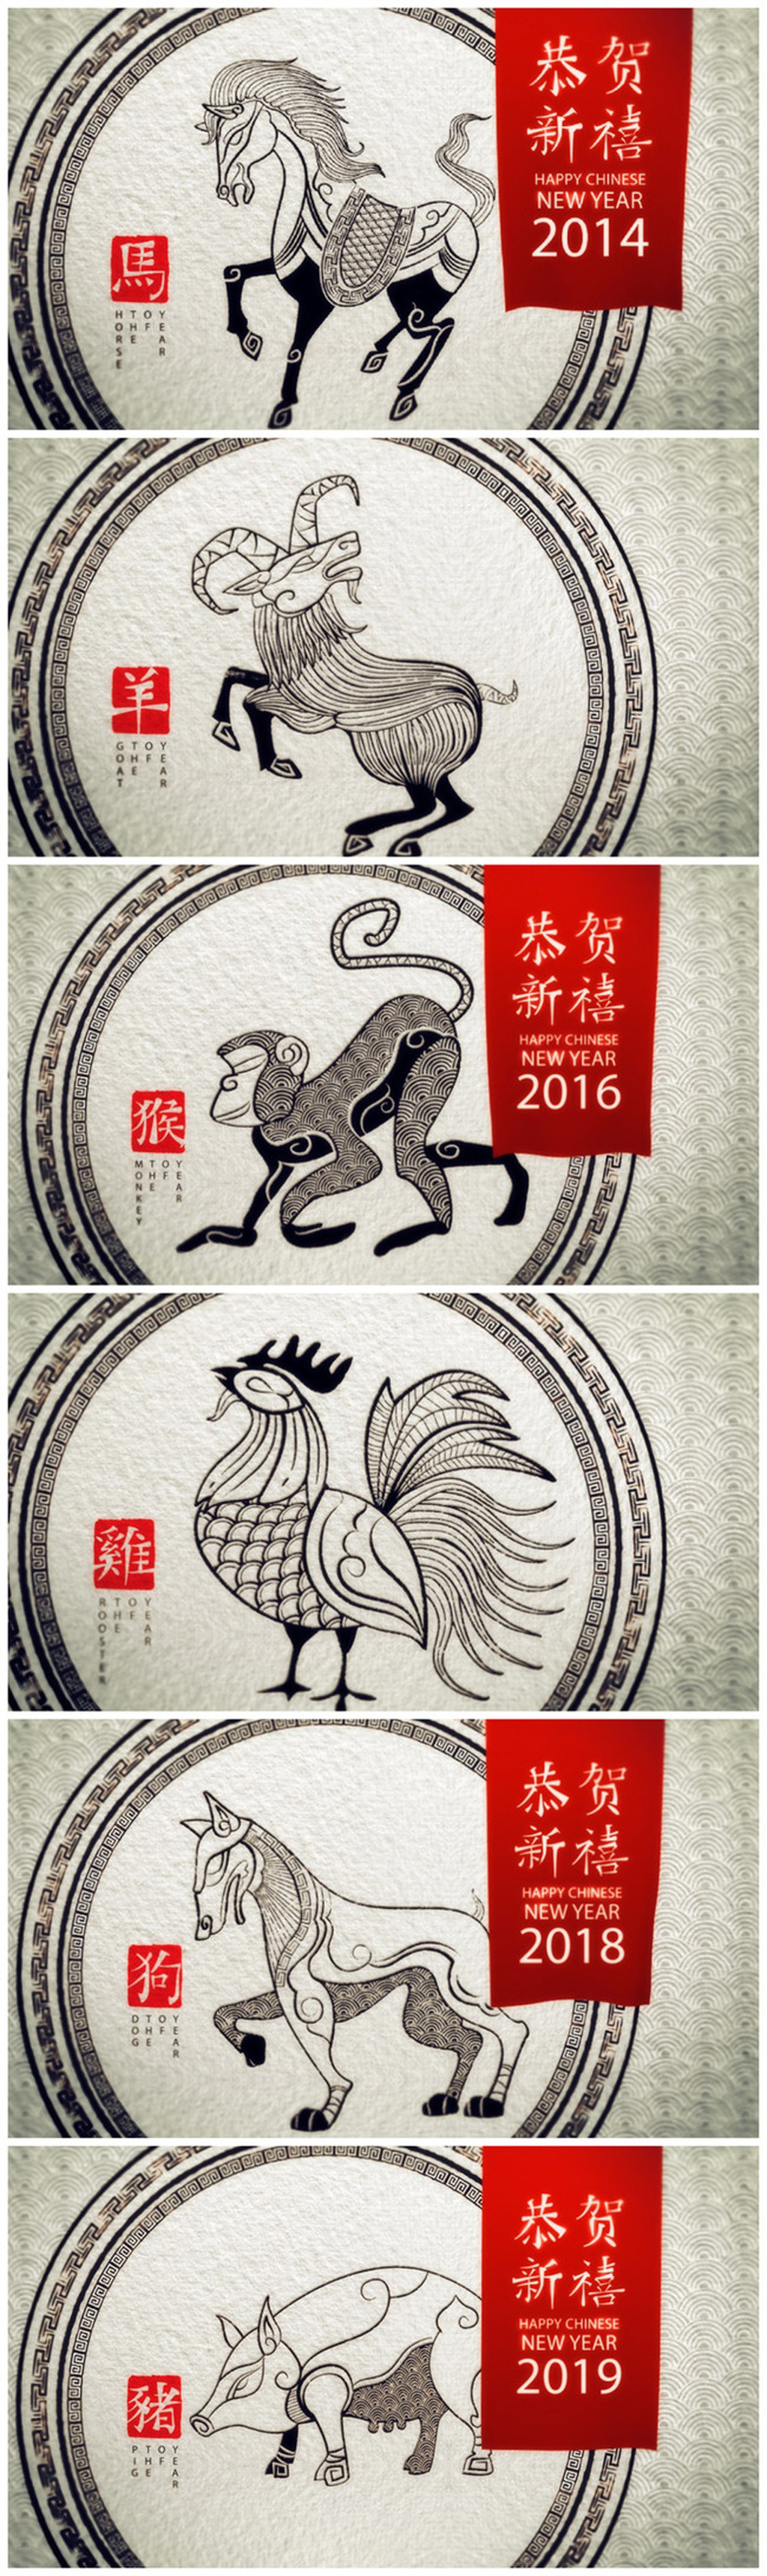 中国风十二生肖新年片头ae模板